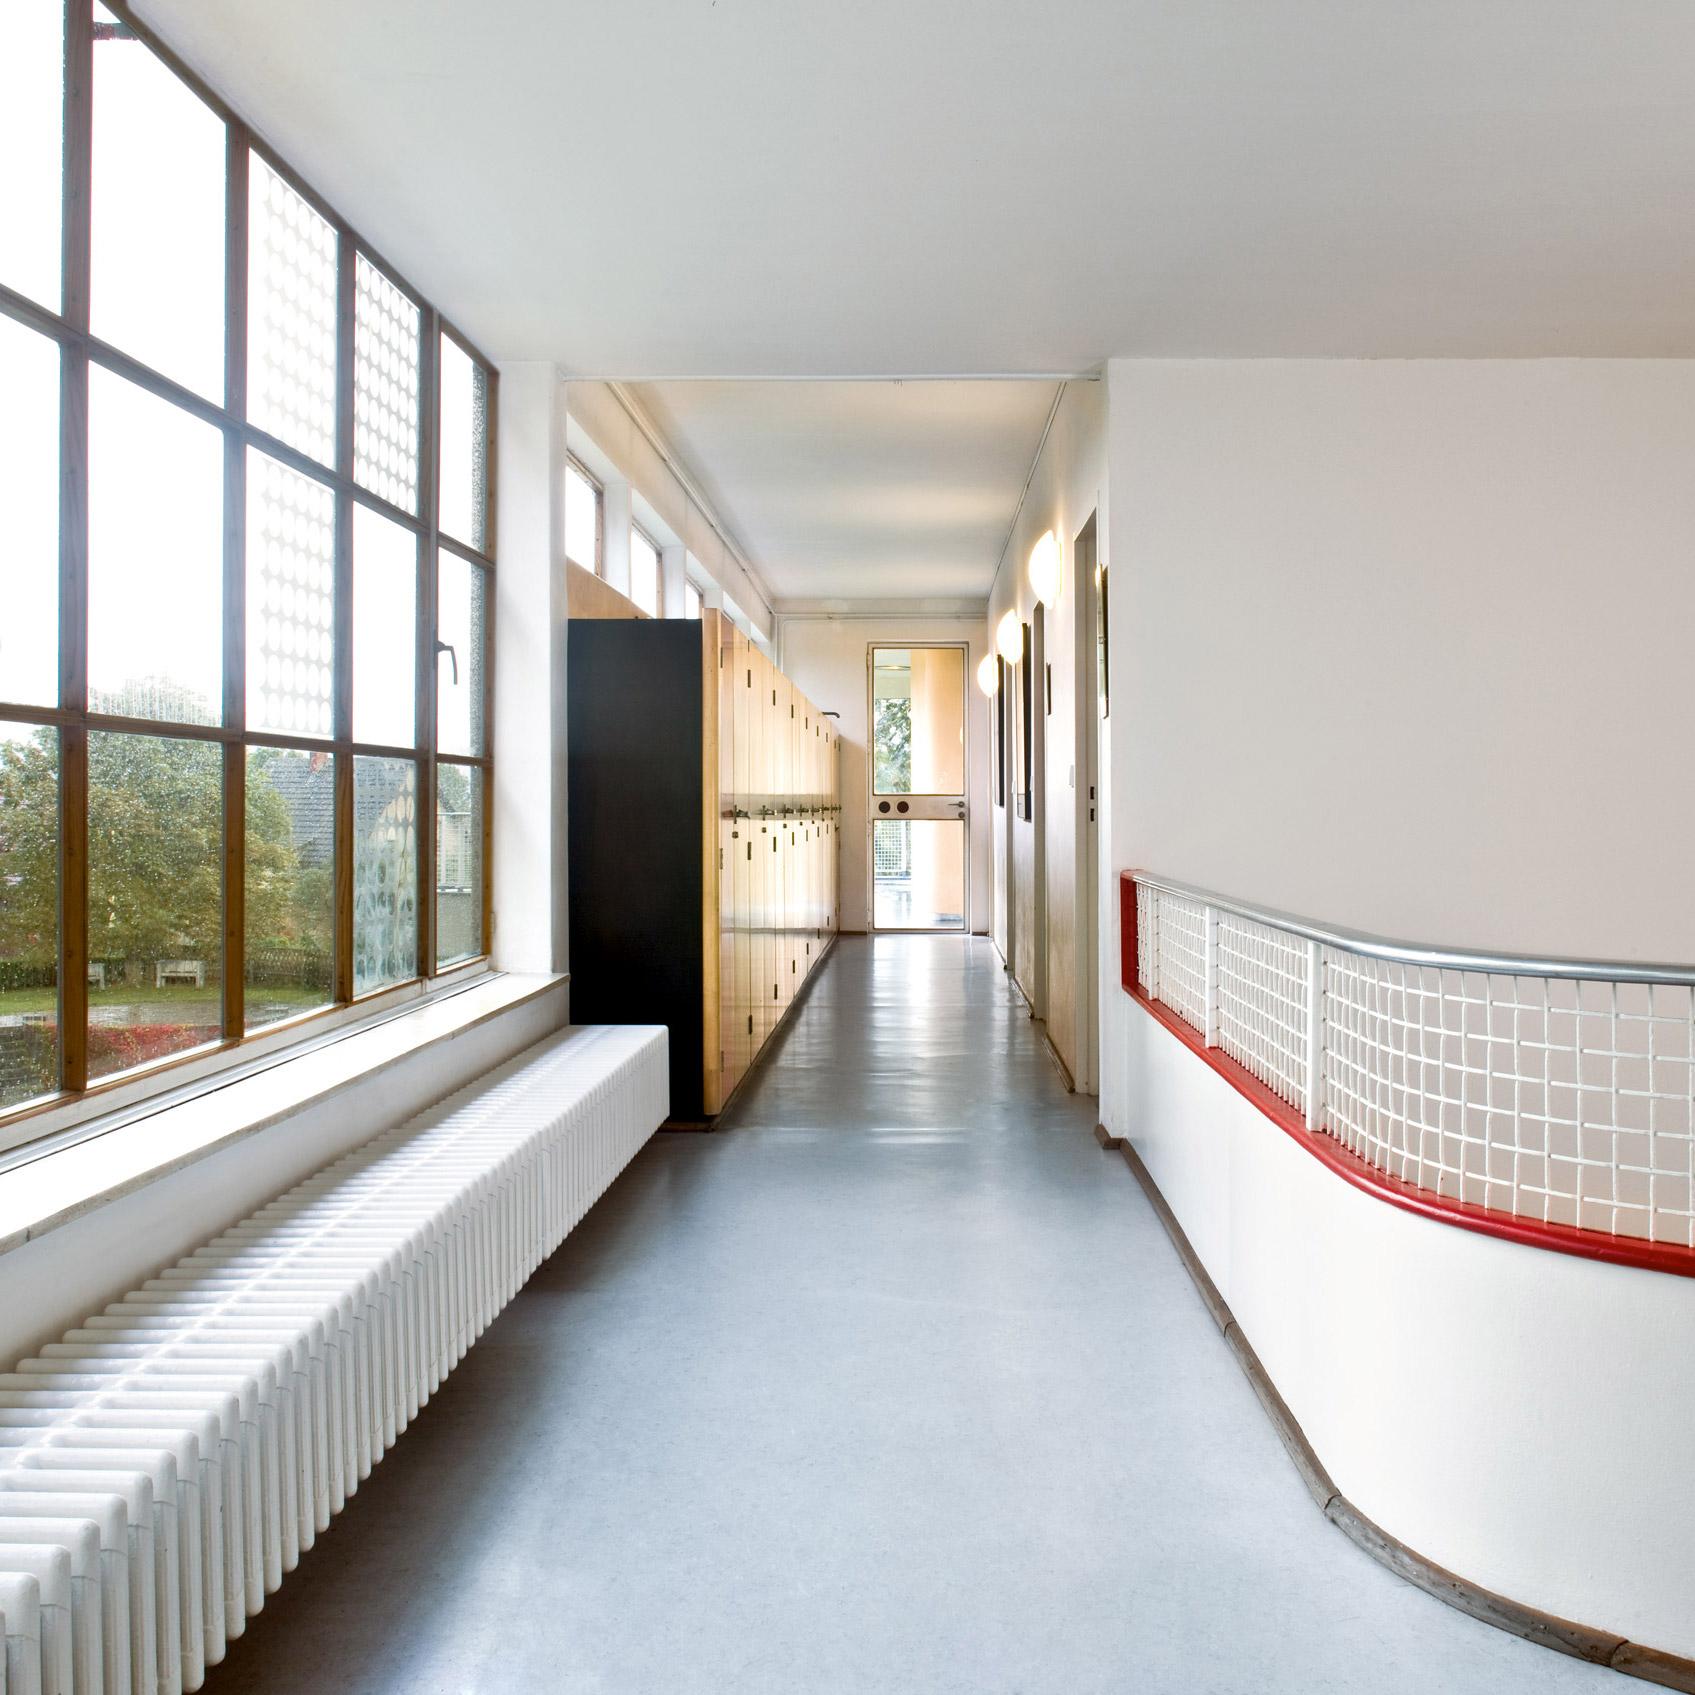 phong trào Bauhaus 4